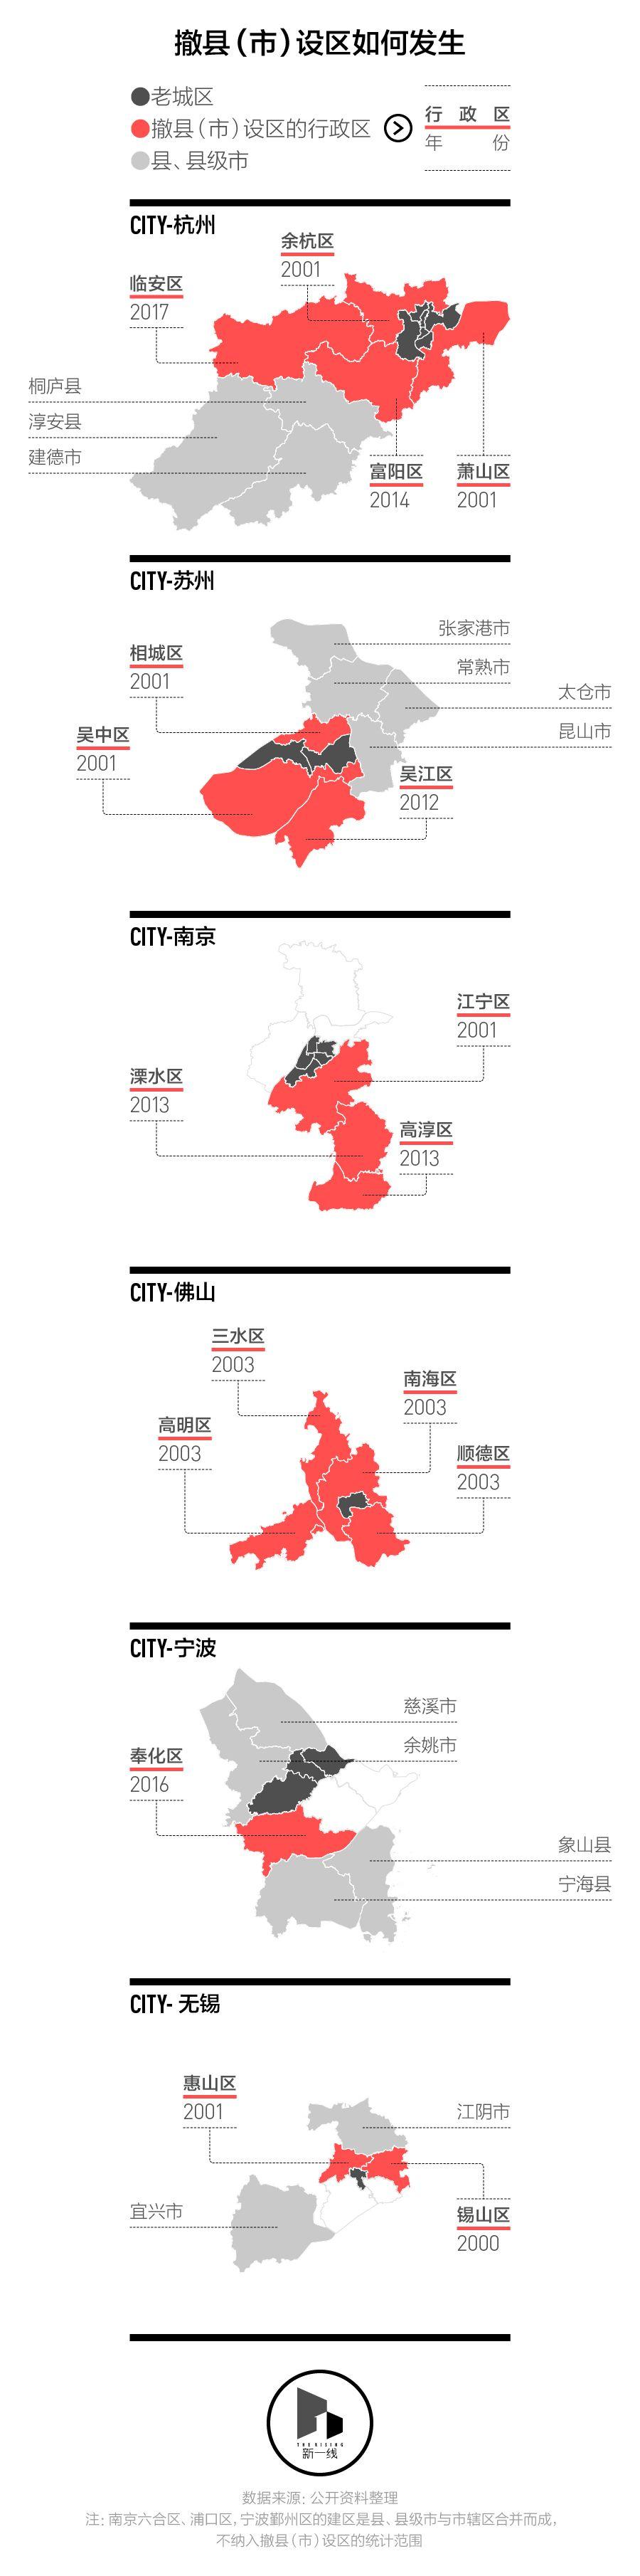 撤县设区后要如何实现城市化?